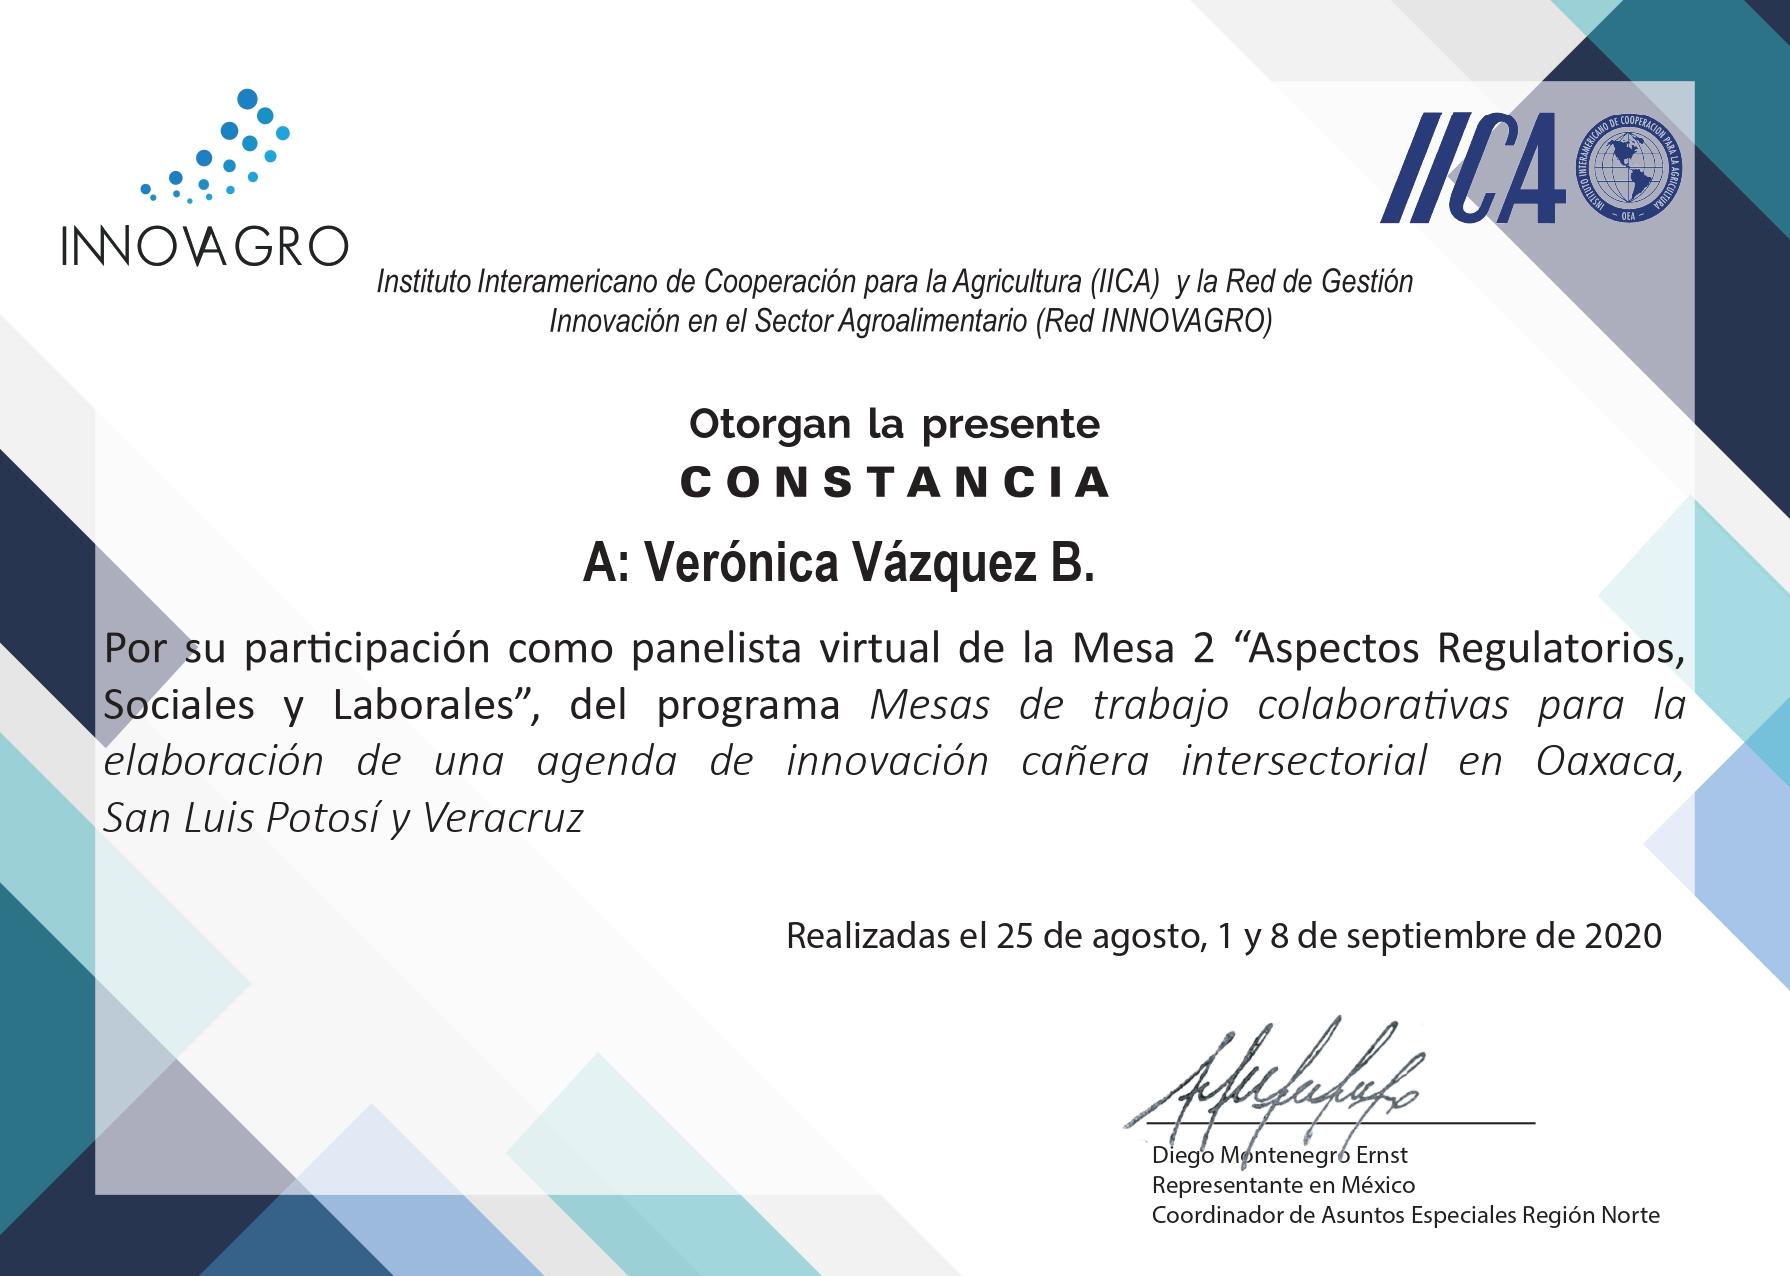 Verónica Vázquez, socia de VTZ, participó en una mesa de trabajo sobre el etiquetado en el IICA